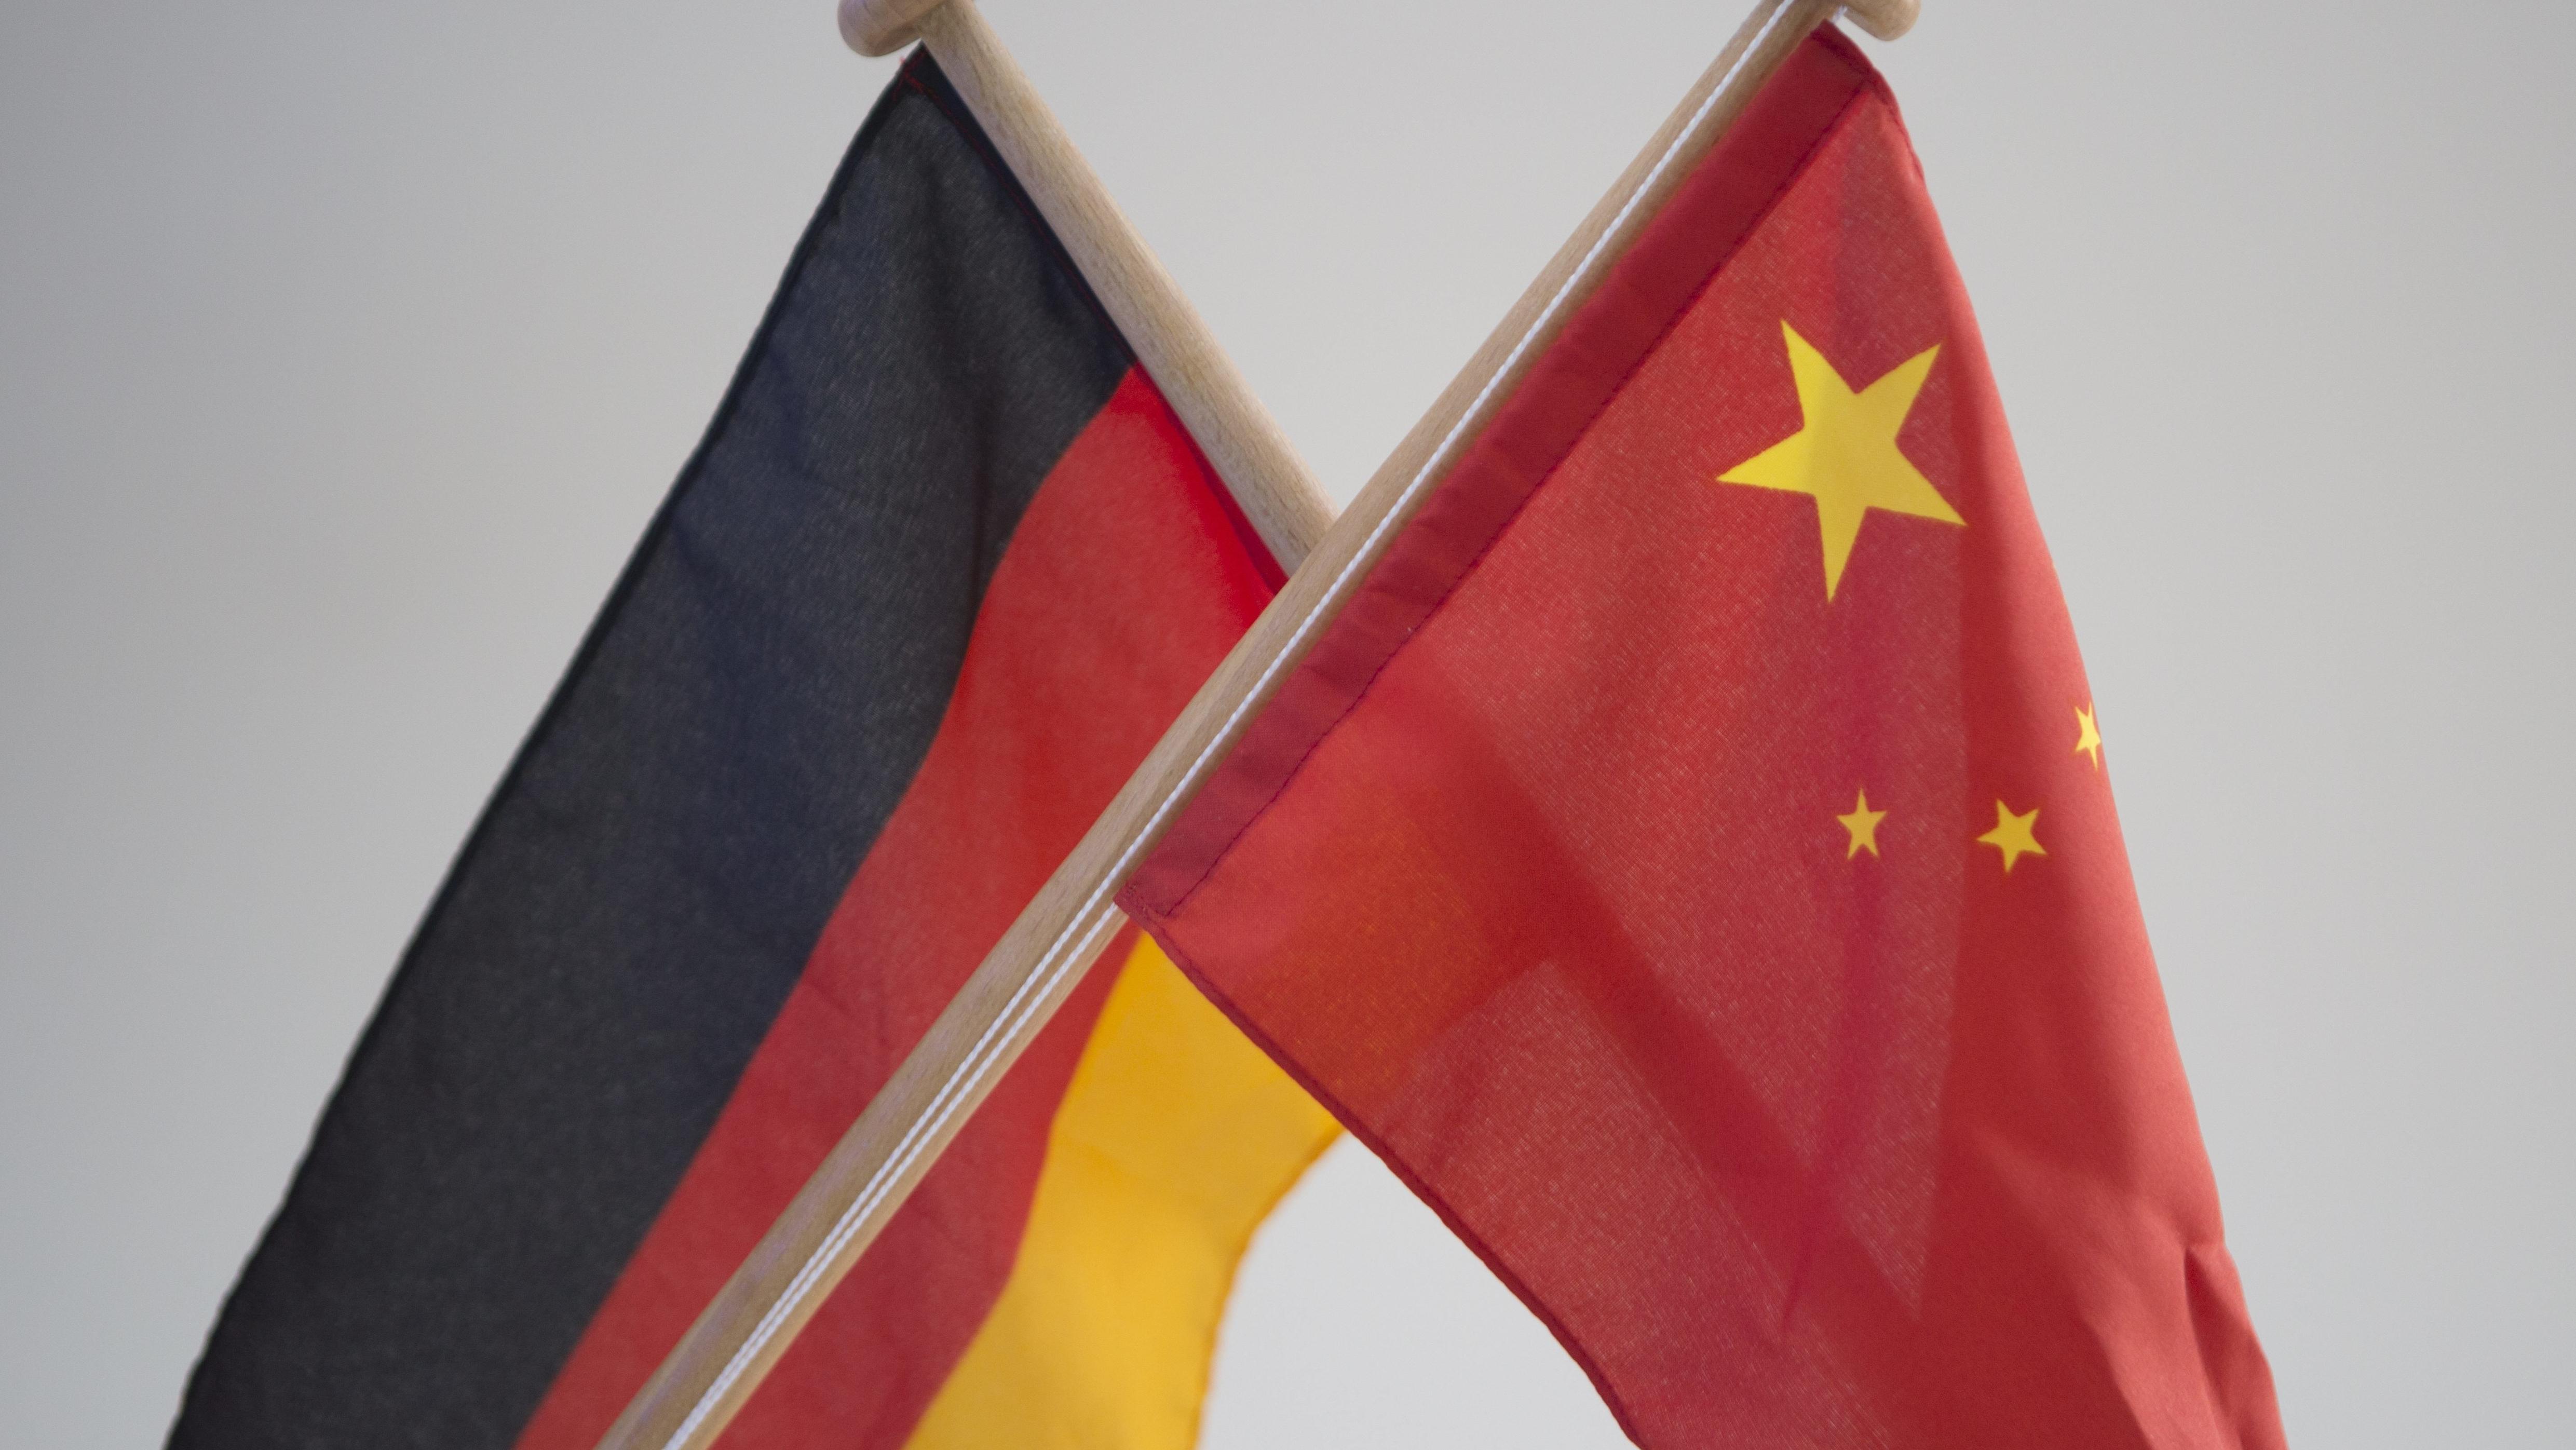 Flaggen von China und der Bundesrepublik Deutschland